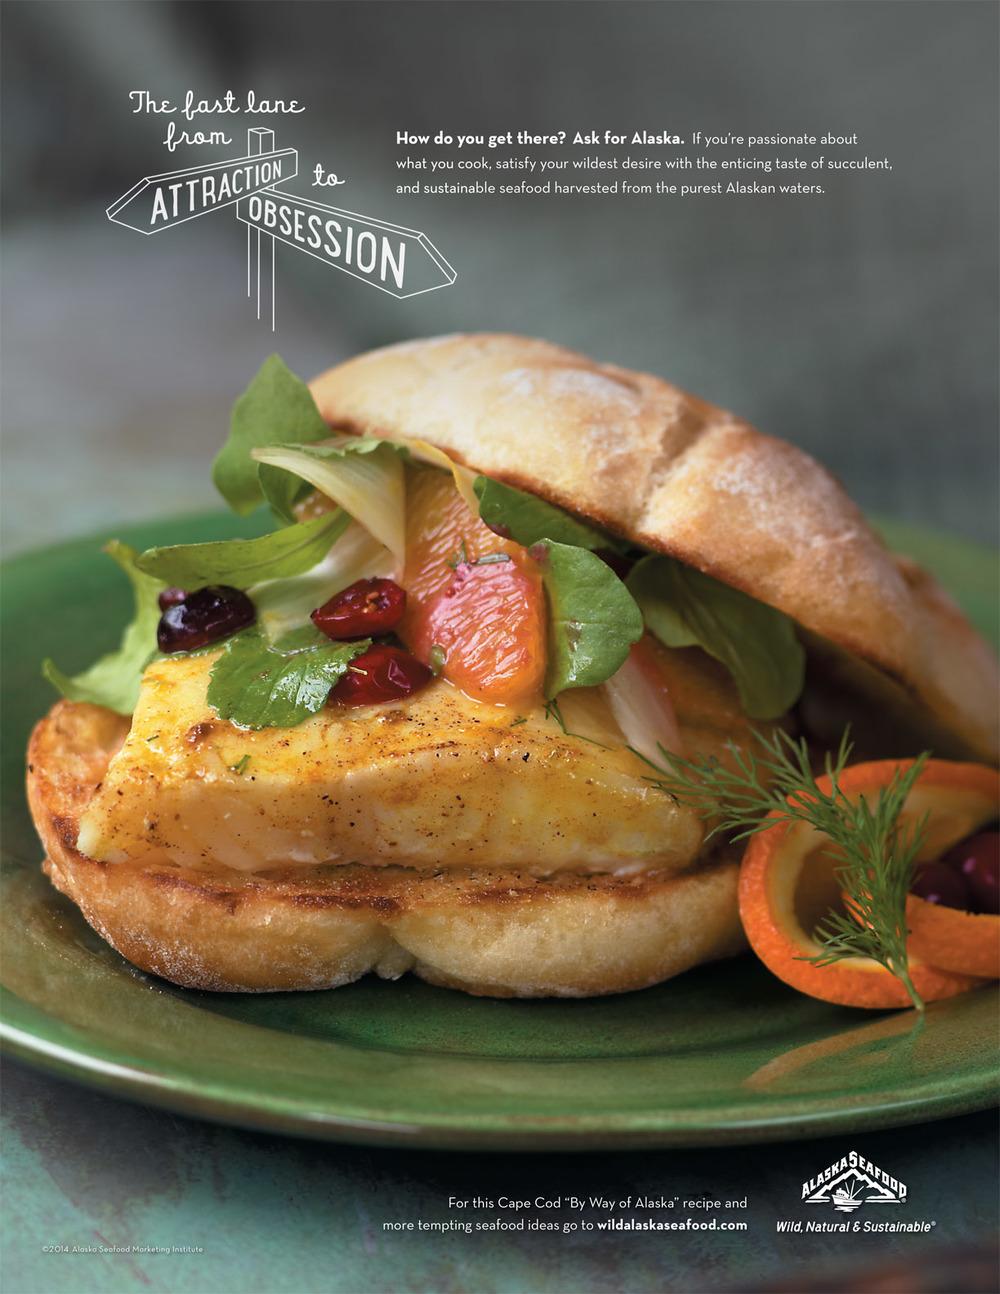 AK Cod Sandwich ad.jpg